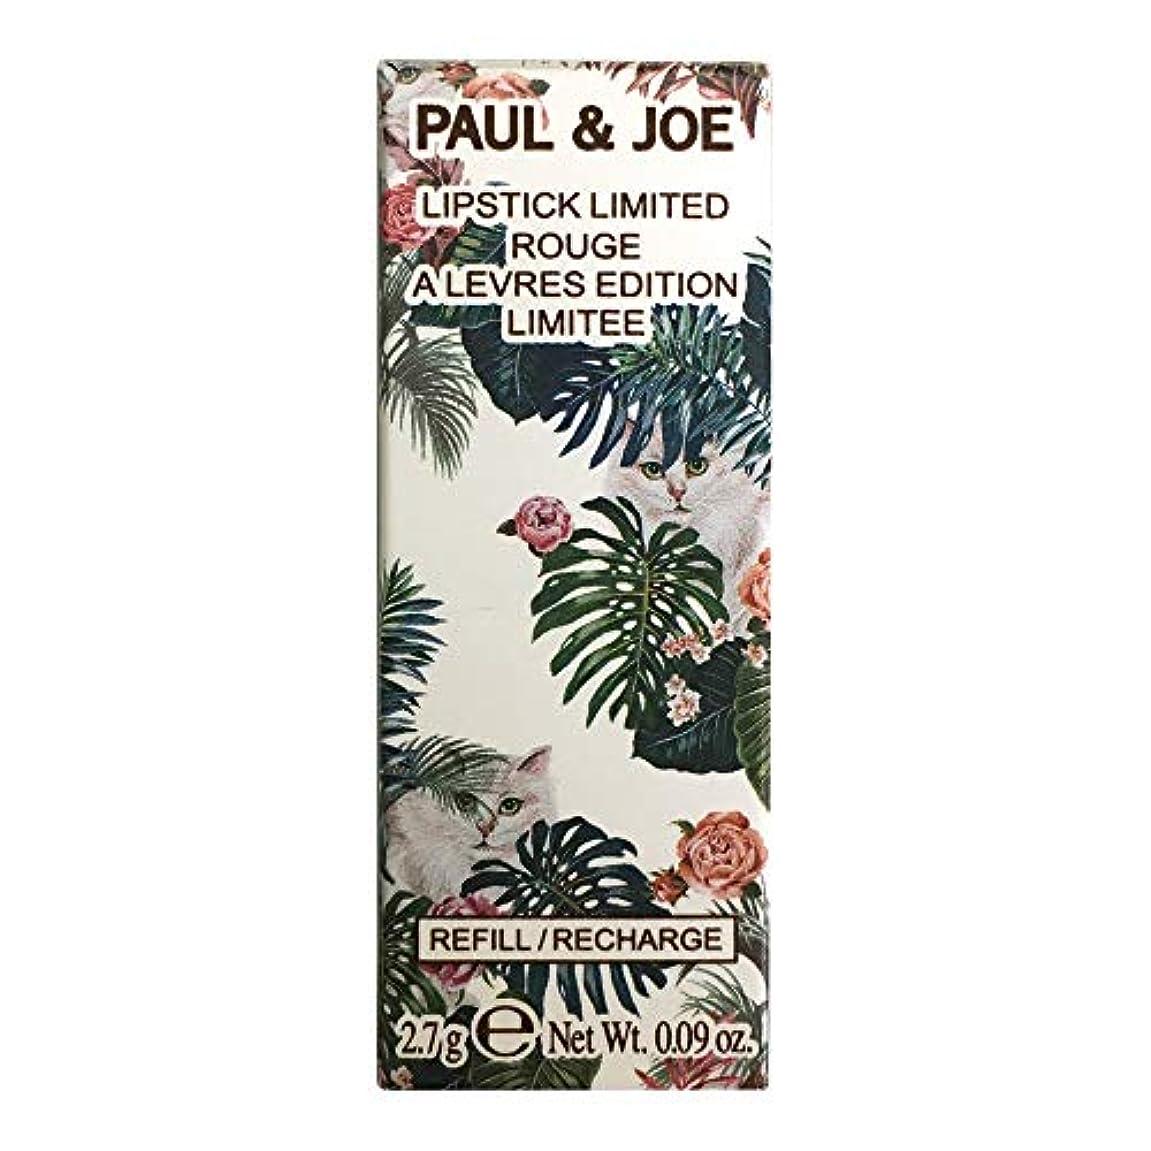 リングレット引き付ける起きるポール & ジョー/PAUL & JOE リップスティック リミテッド #005(レフィル) (限定) [ 口紅 ] [並行輸入品]